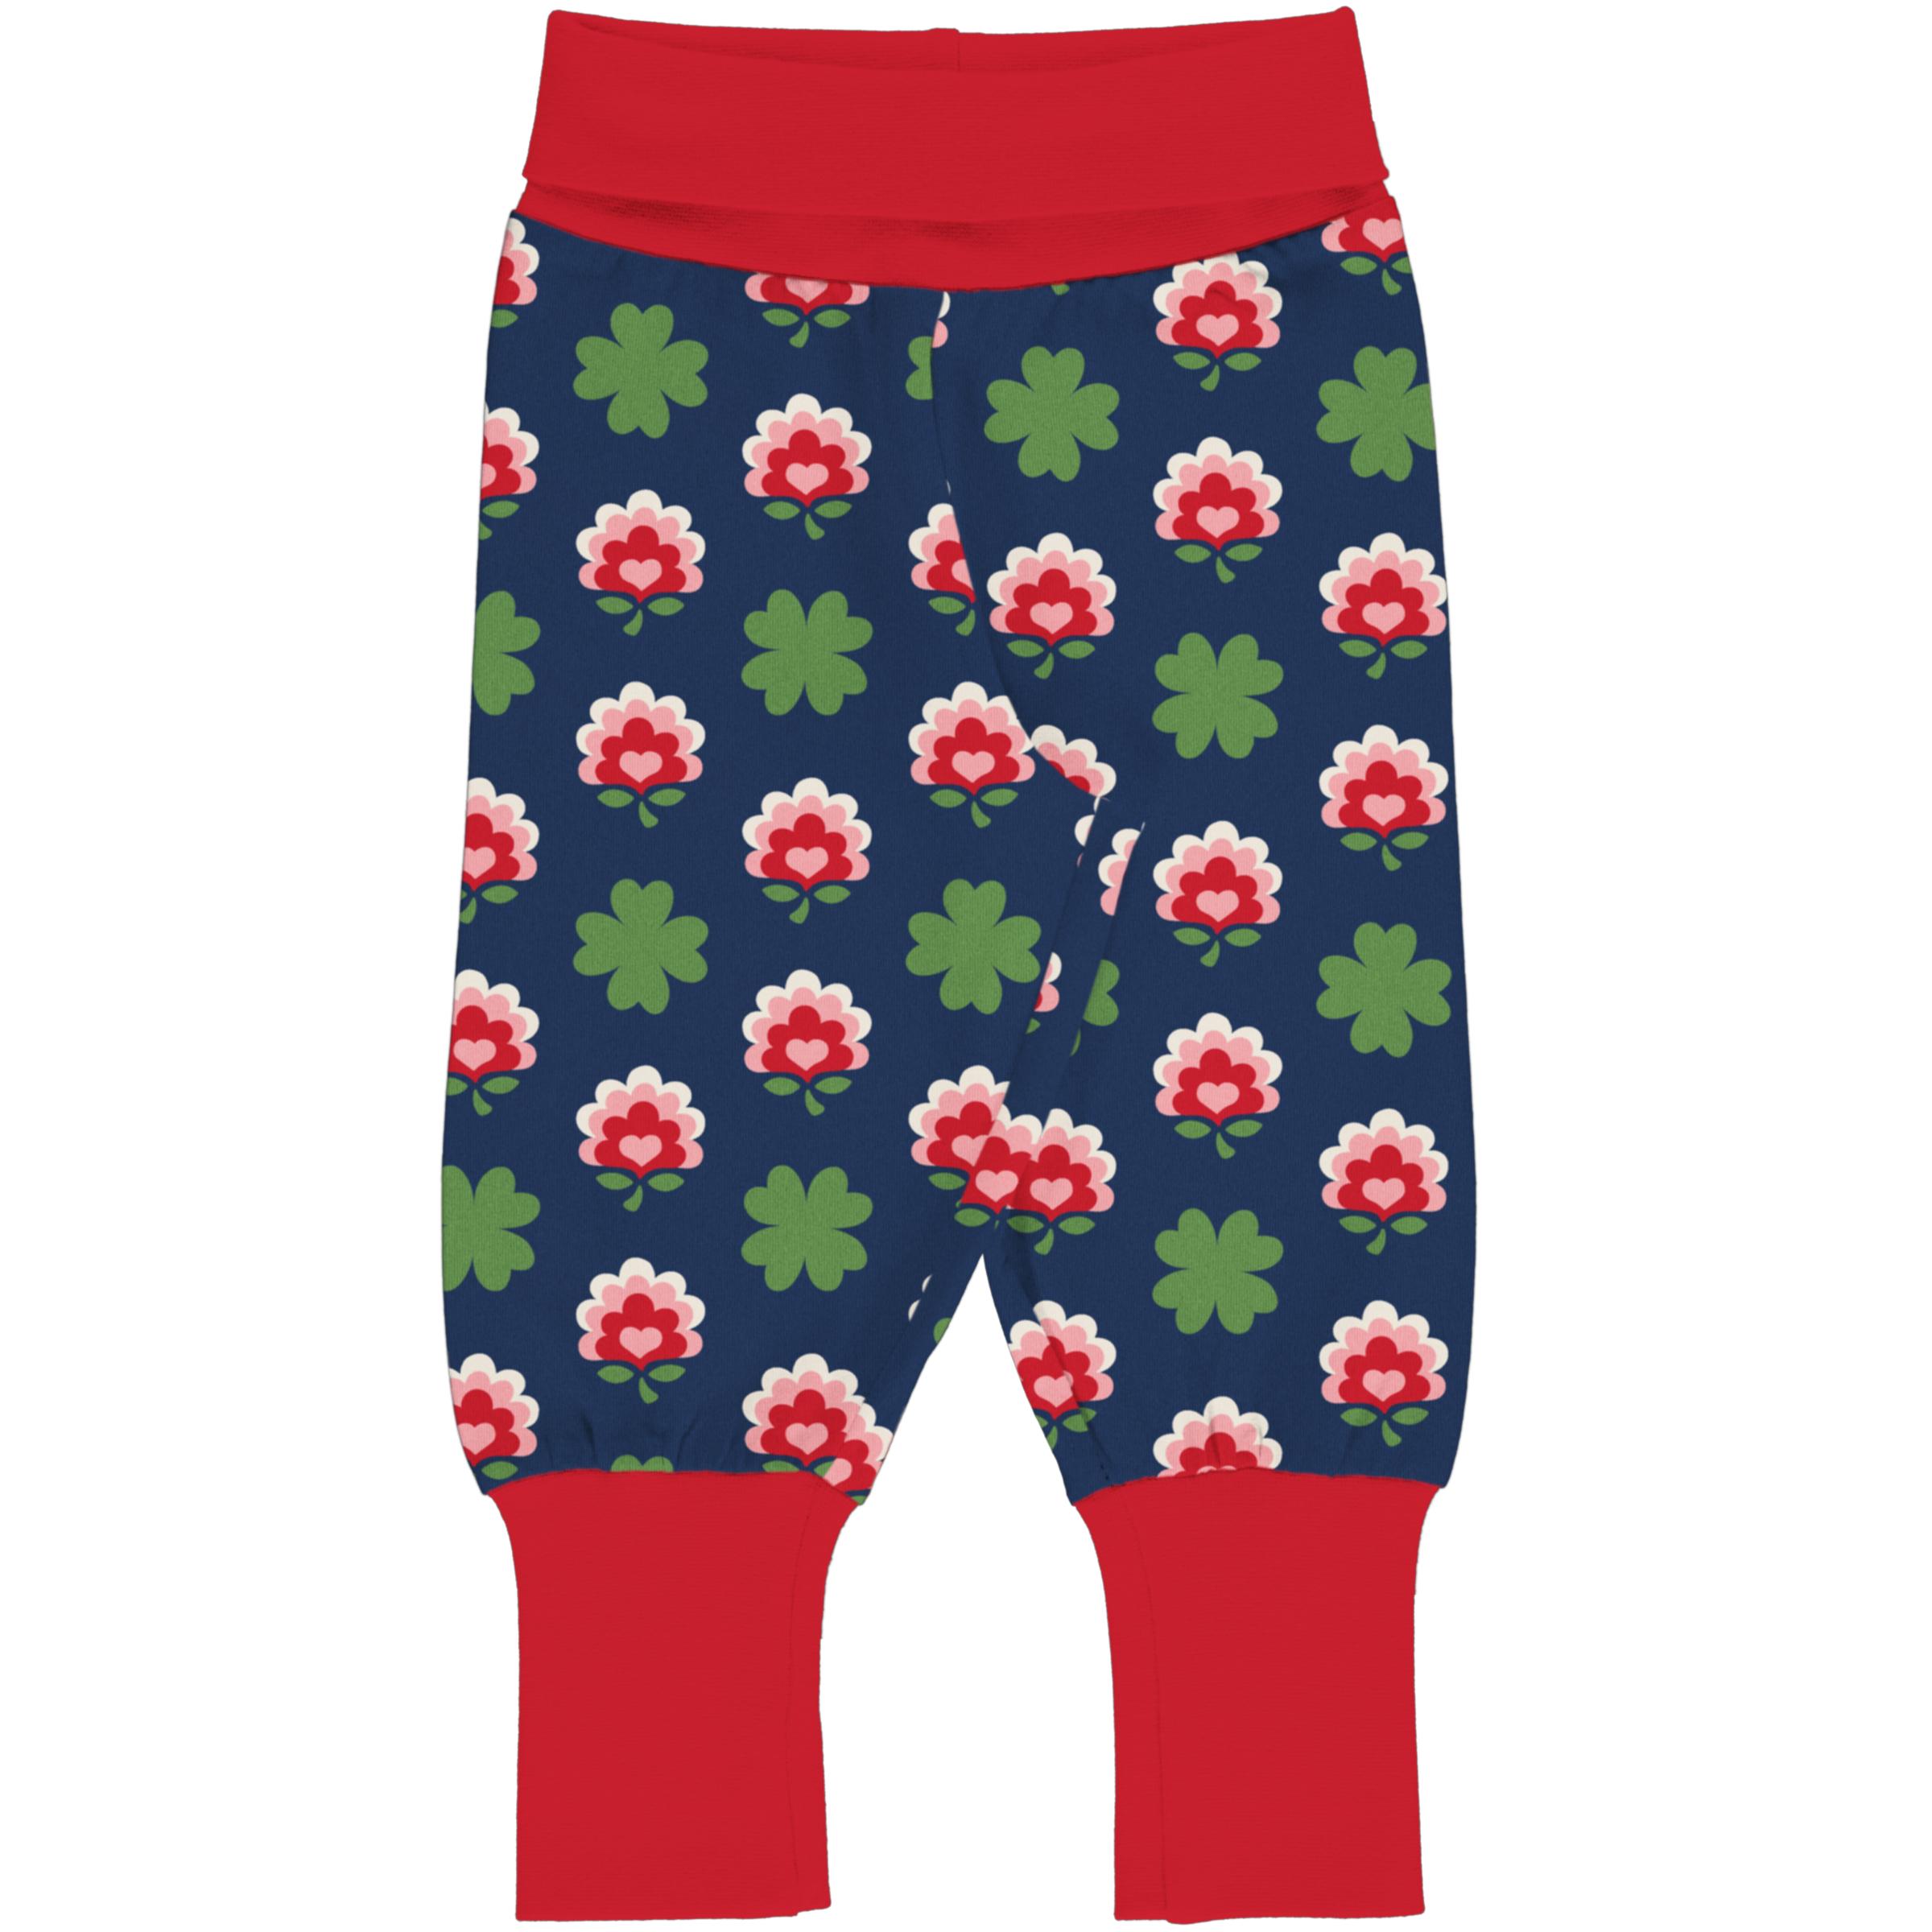 Maxomorra Baby Rib Pants CLOVER 086/092